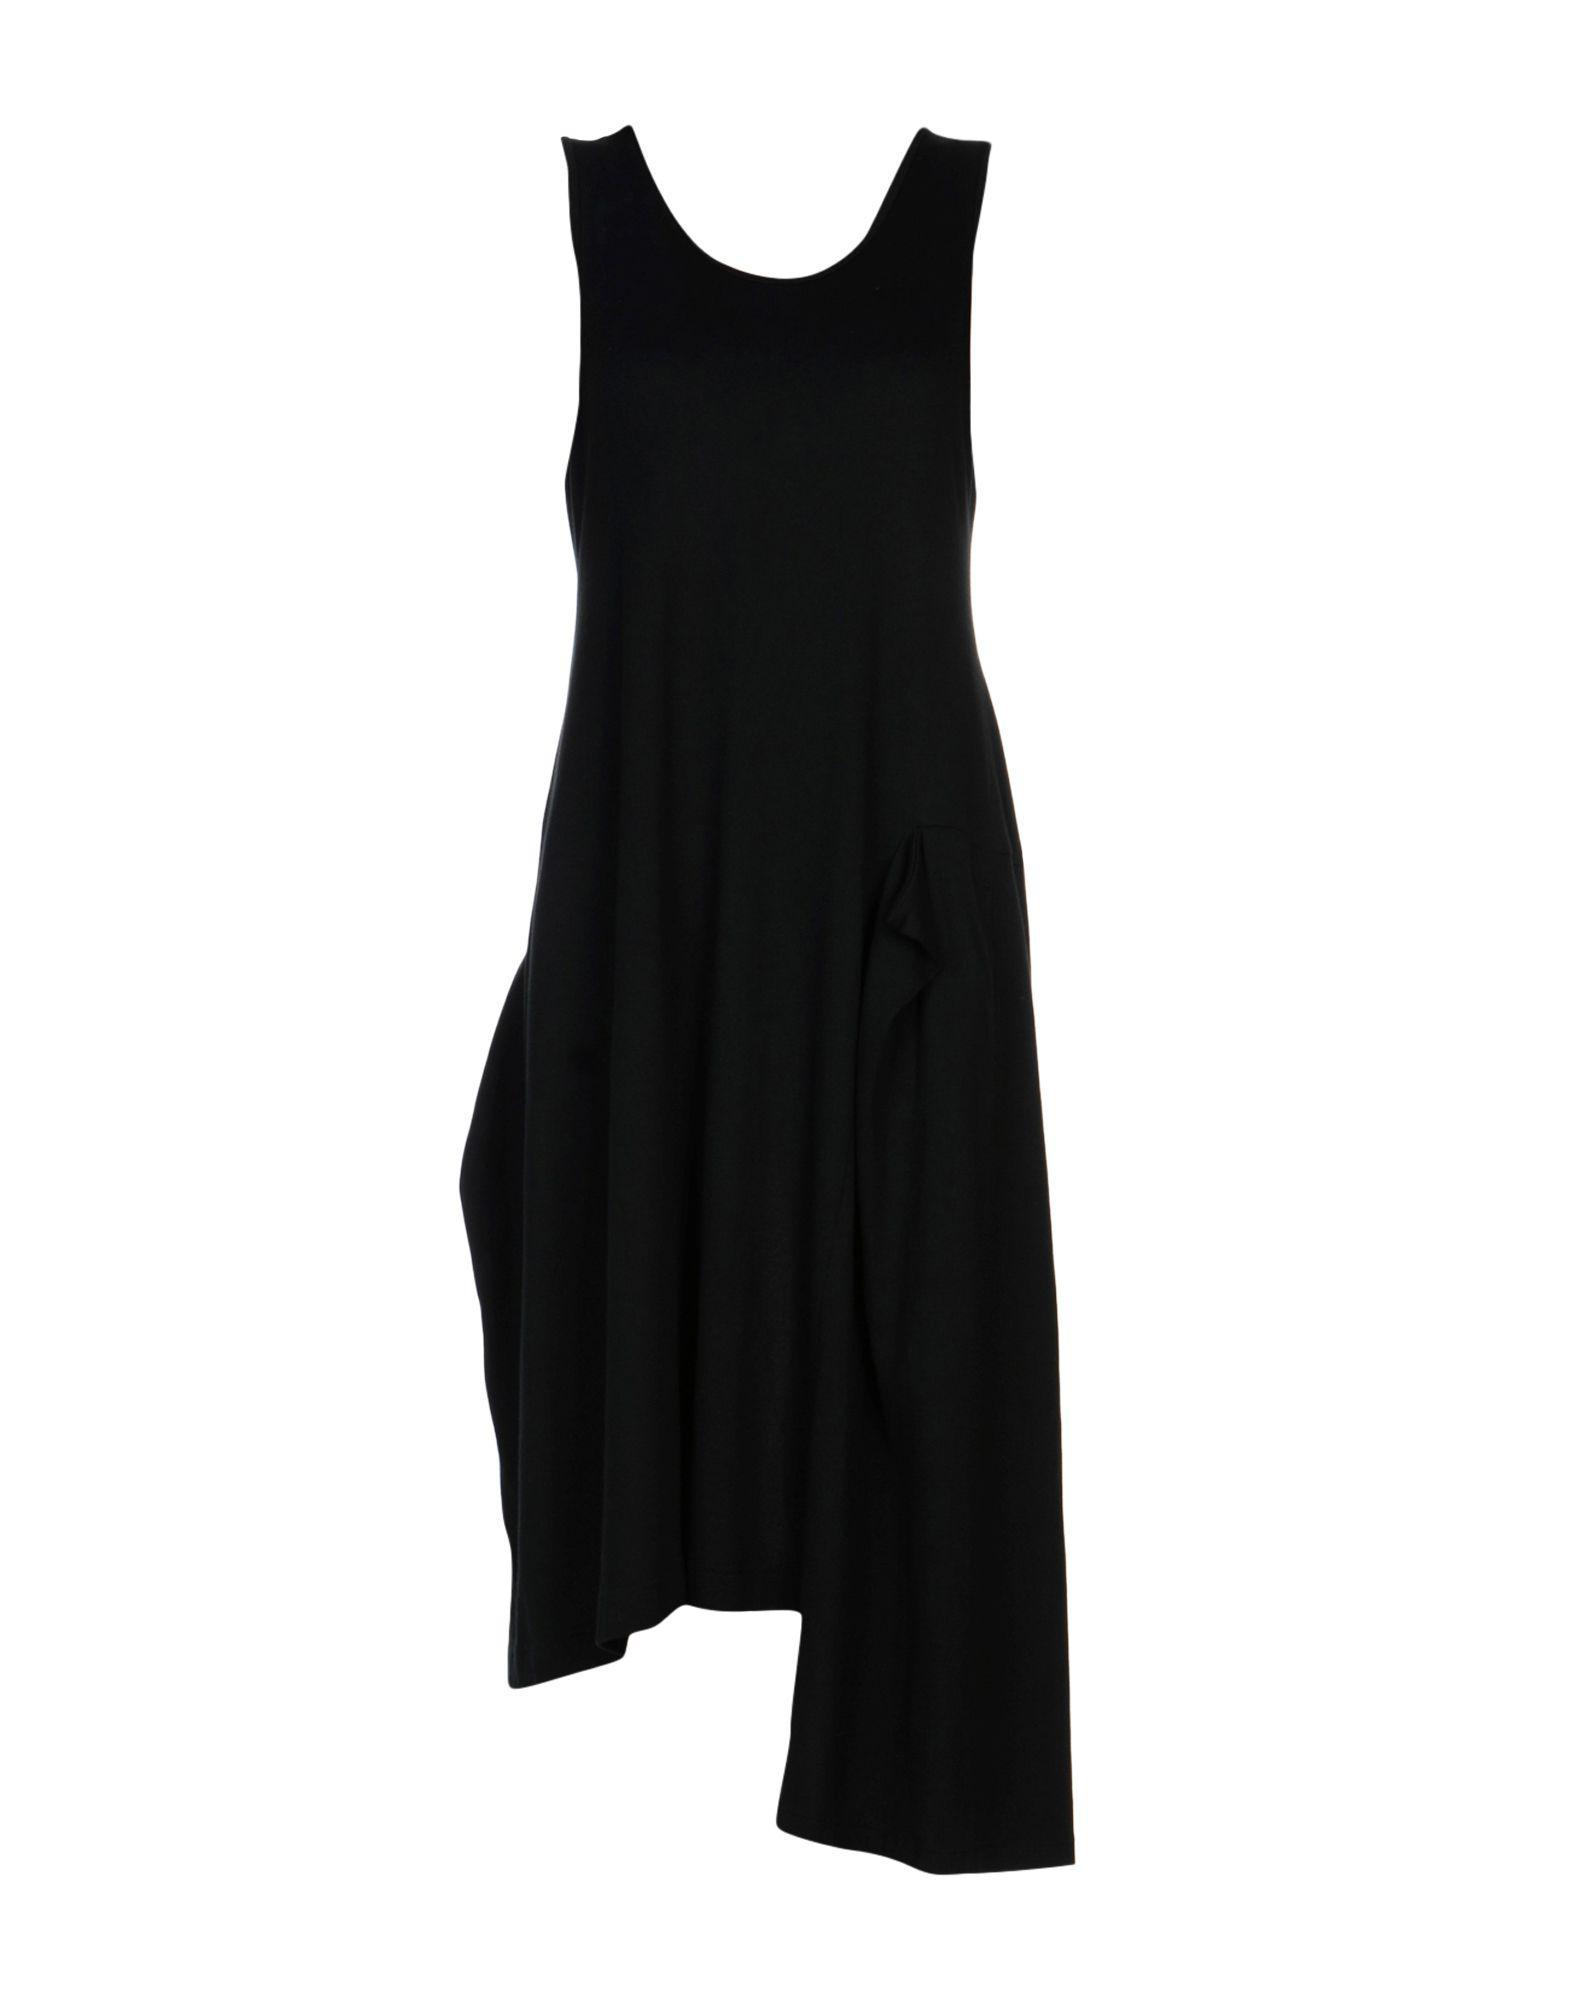 Y's 3/4 Length Dresses In Black